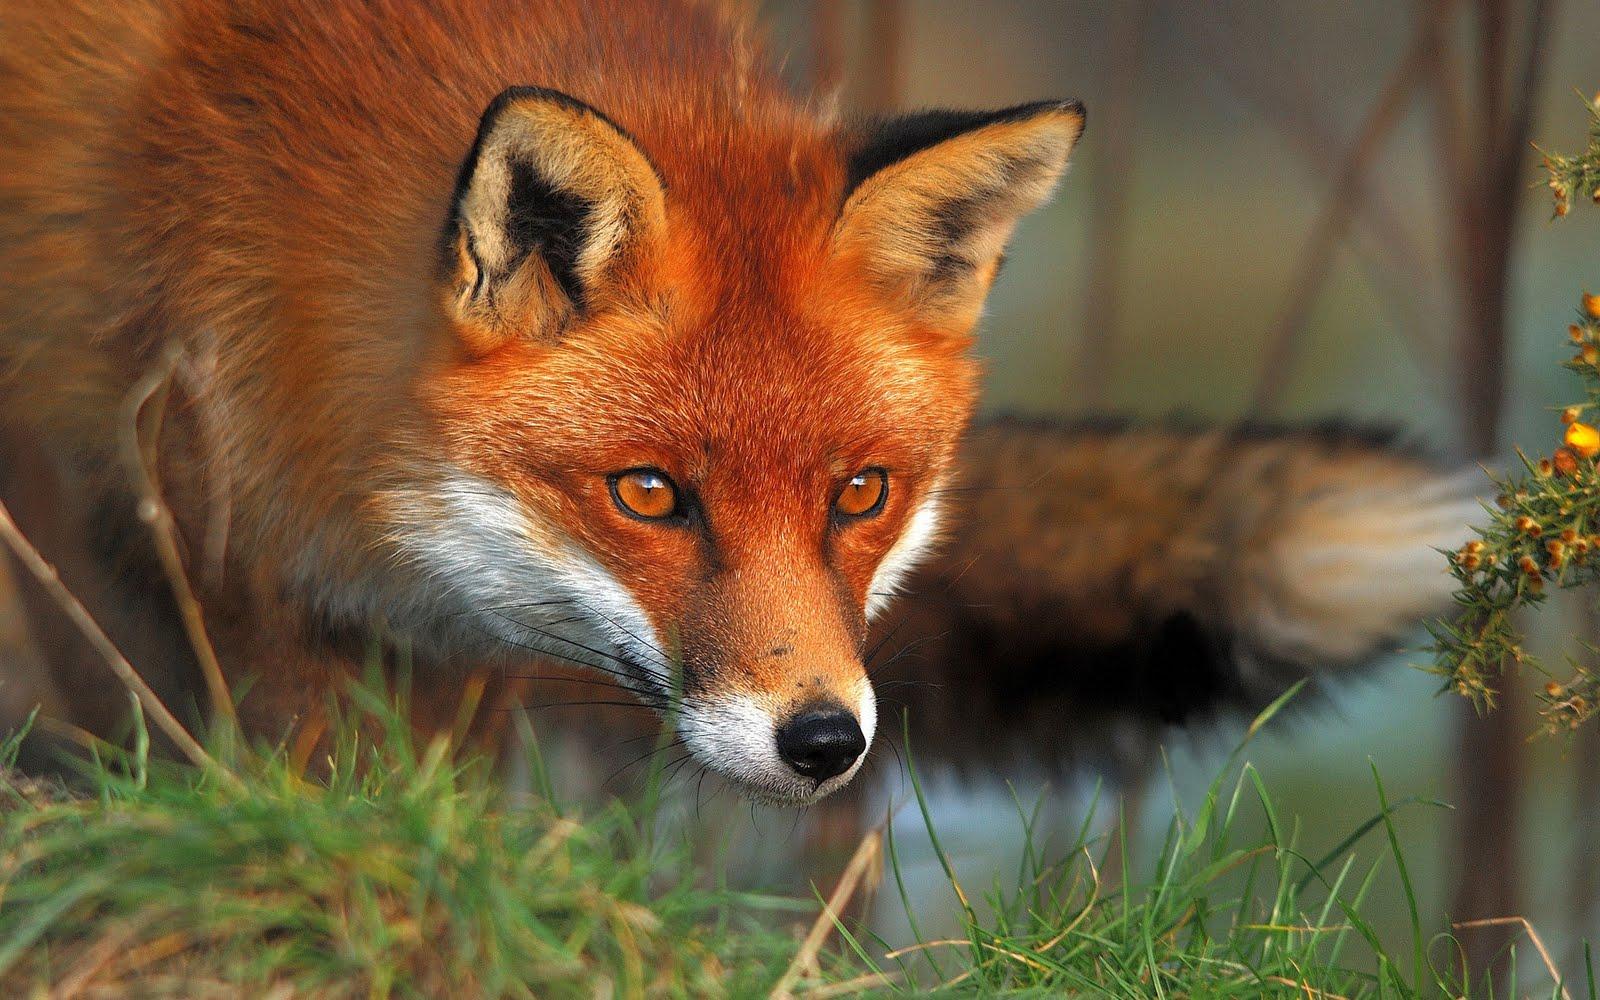 http://2.bp.blogspot.com/-4g1zutzM2NM/TmsCG8DWeFI/AAAAAAAAAE4/6QP1GNeAIQQ/s1600/red-fox.jpg